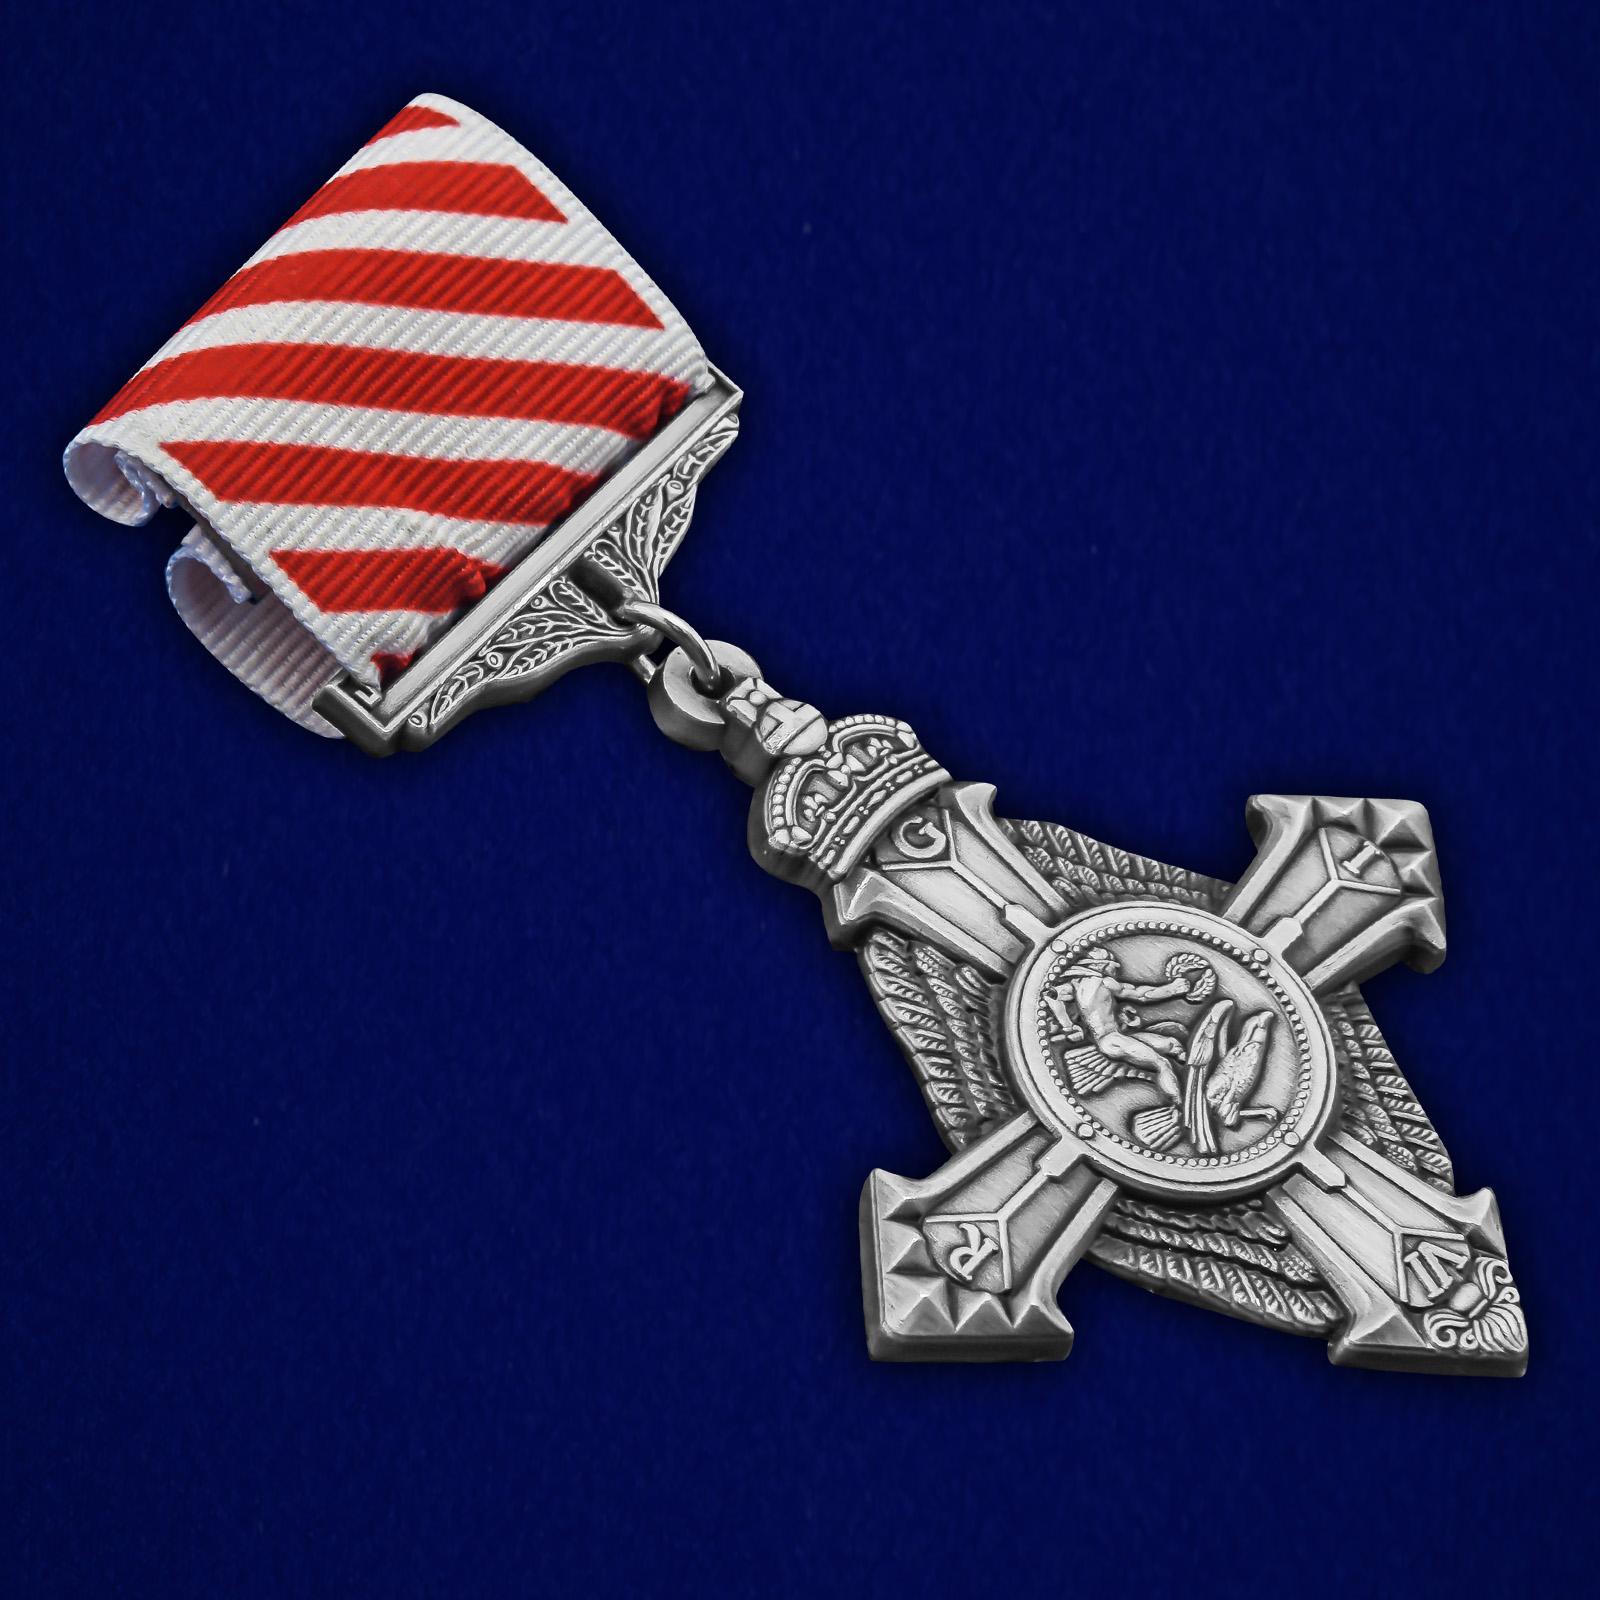 Купить крест ВВС (Великобритания)